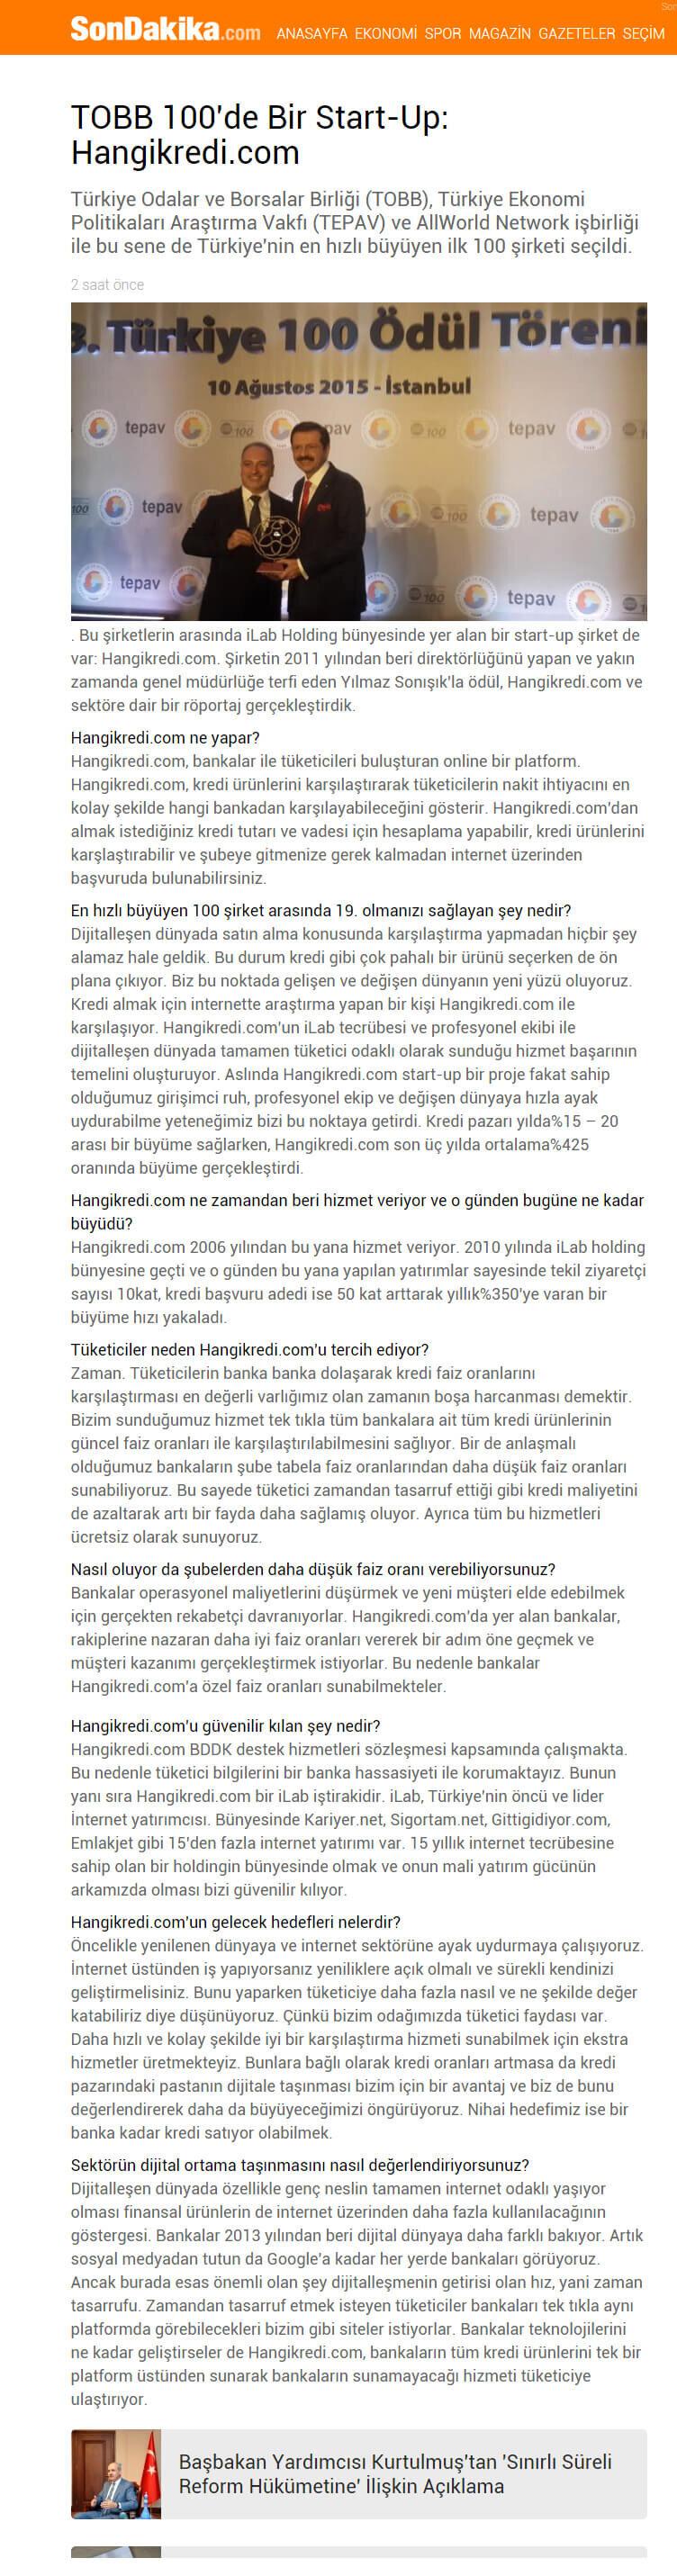 Basında Hangikredi.com 29